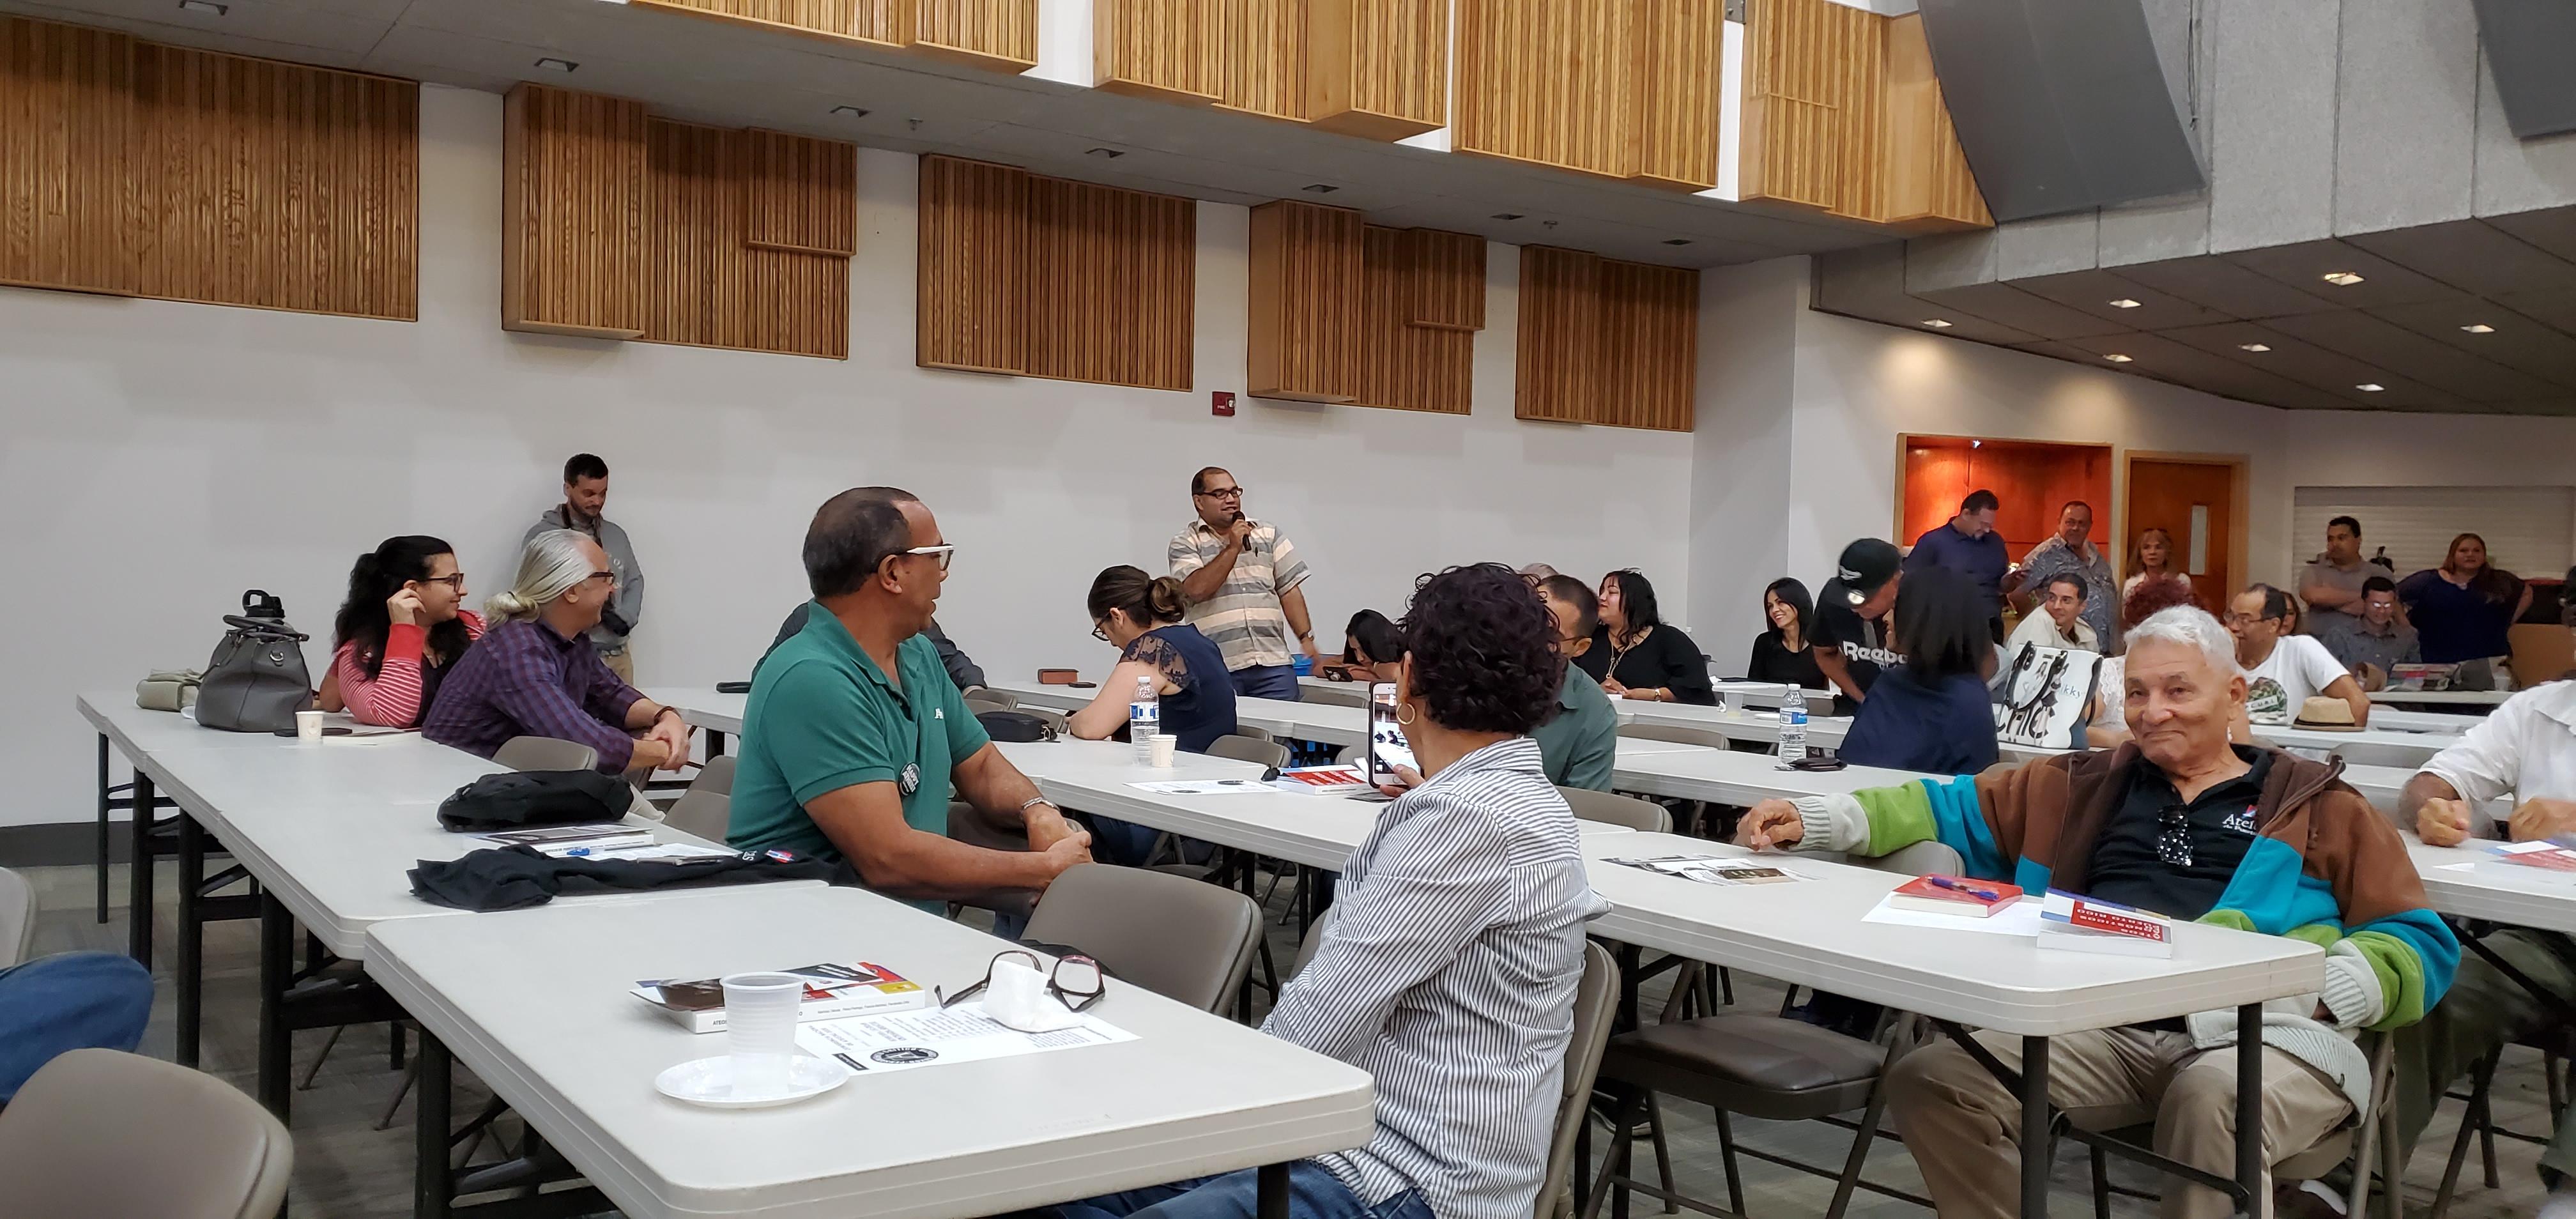 El pastor pentecostal Julio Álvarez en la Asamblea Nacional de Ateístas de Puerto Rico, 2020. (c) 2020, Pedro M. Rosario Barbosa. Licencia: CC-BY 4.0+.